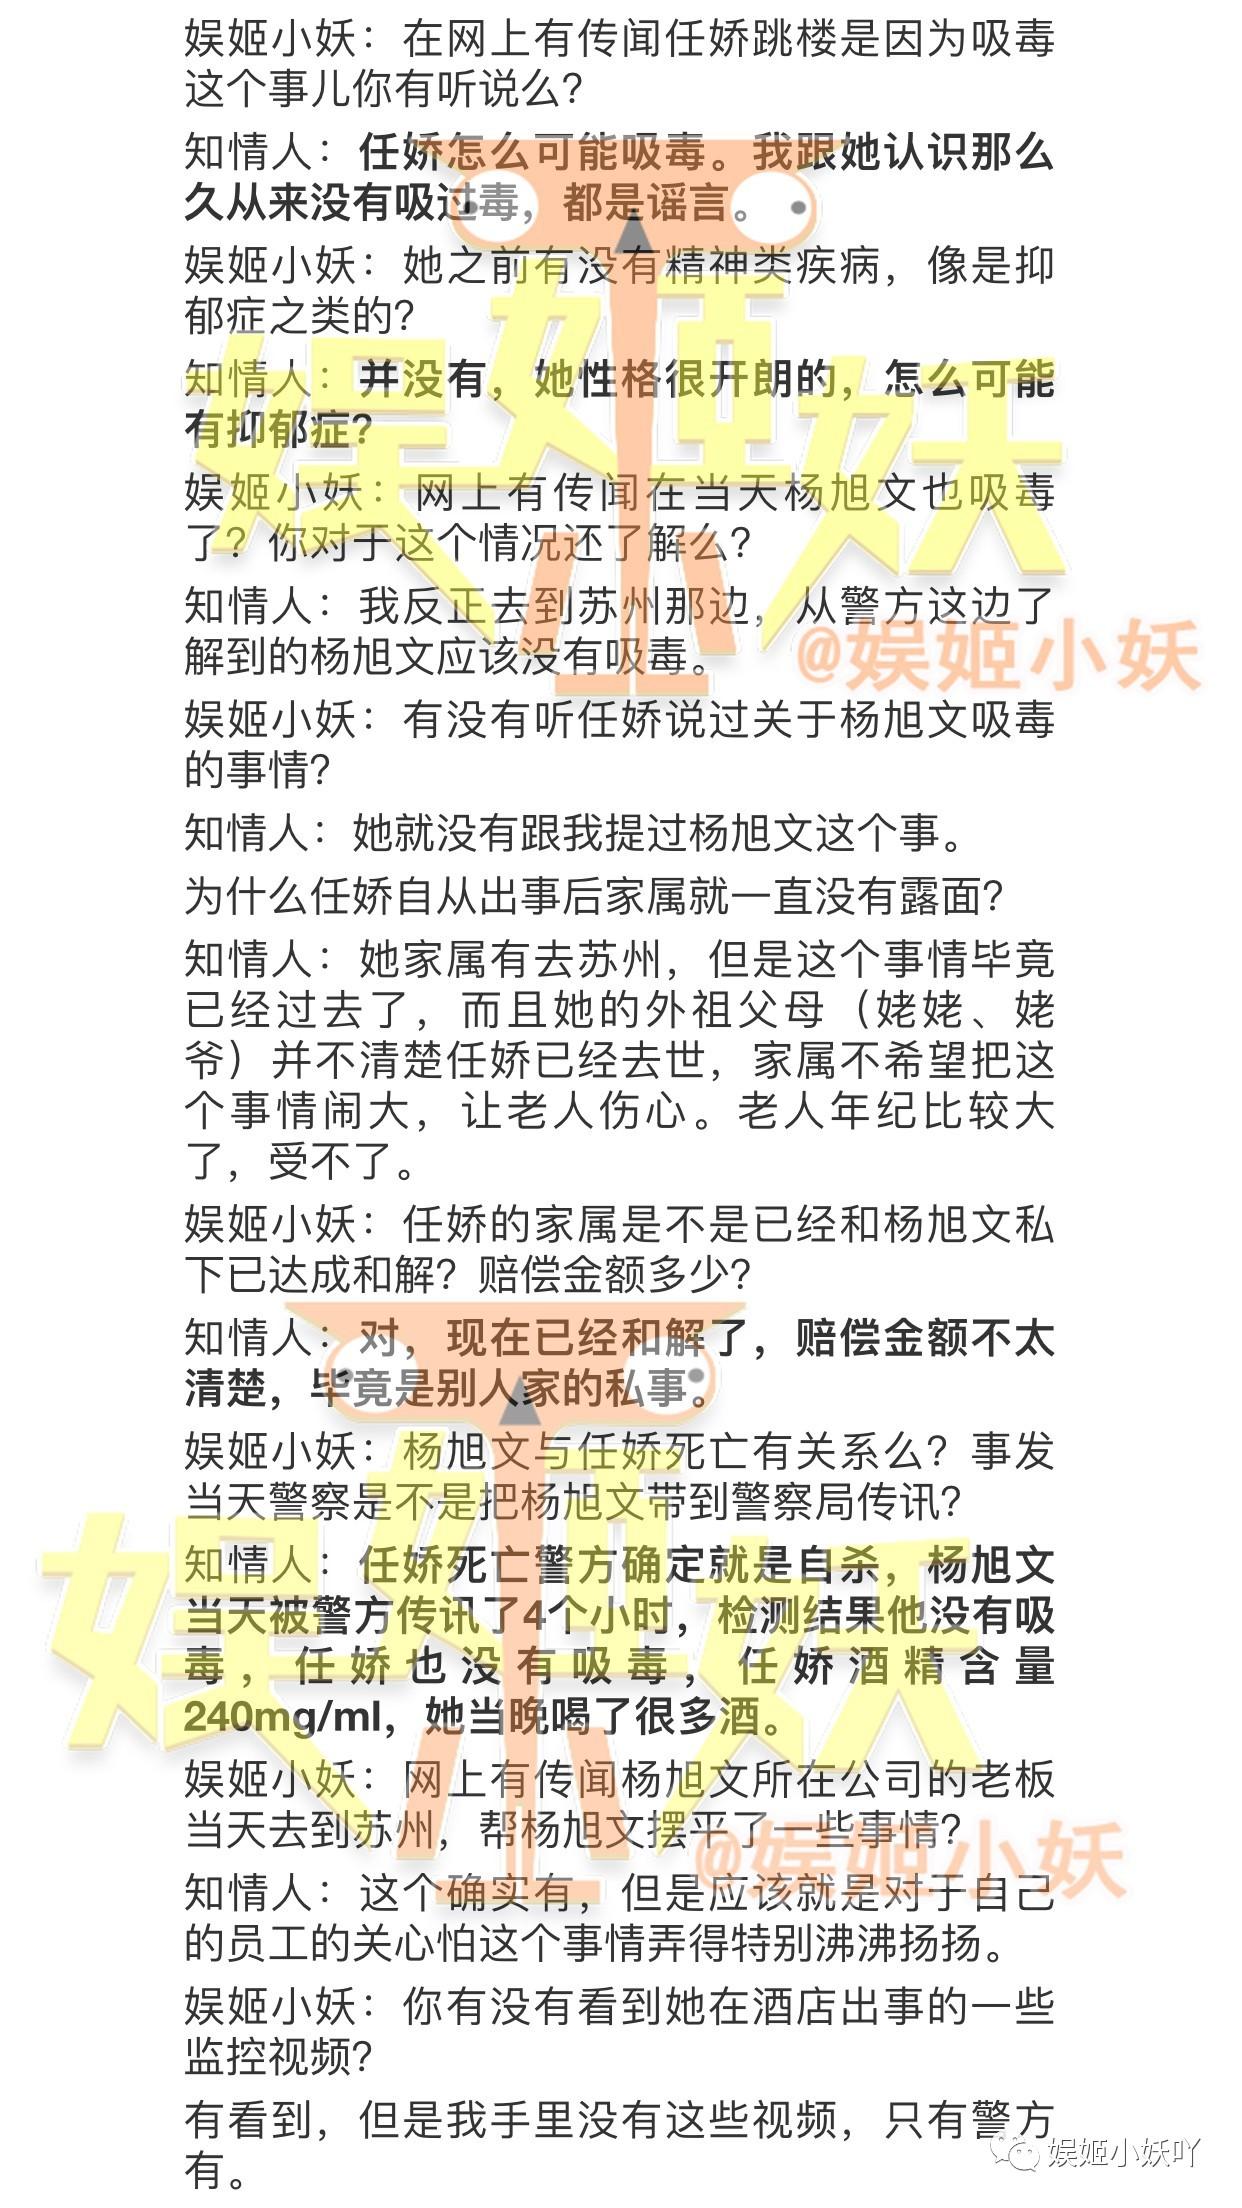 任娇坠楼身亡事件真相结果,任娇全裸坠楼和杨旭文没有关系